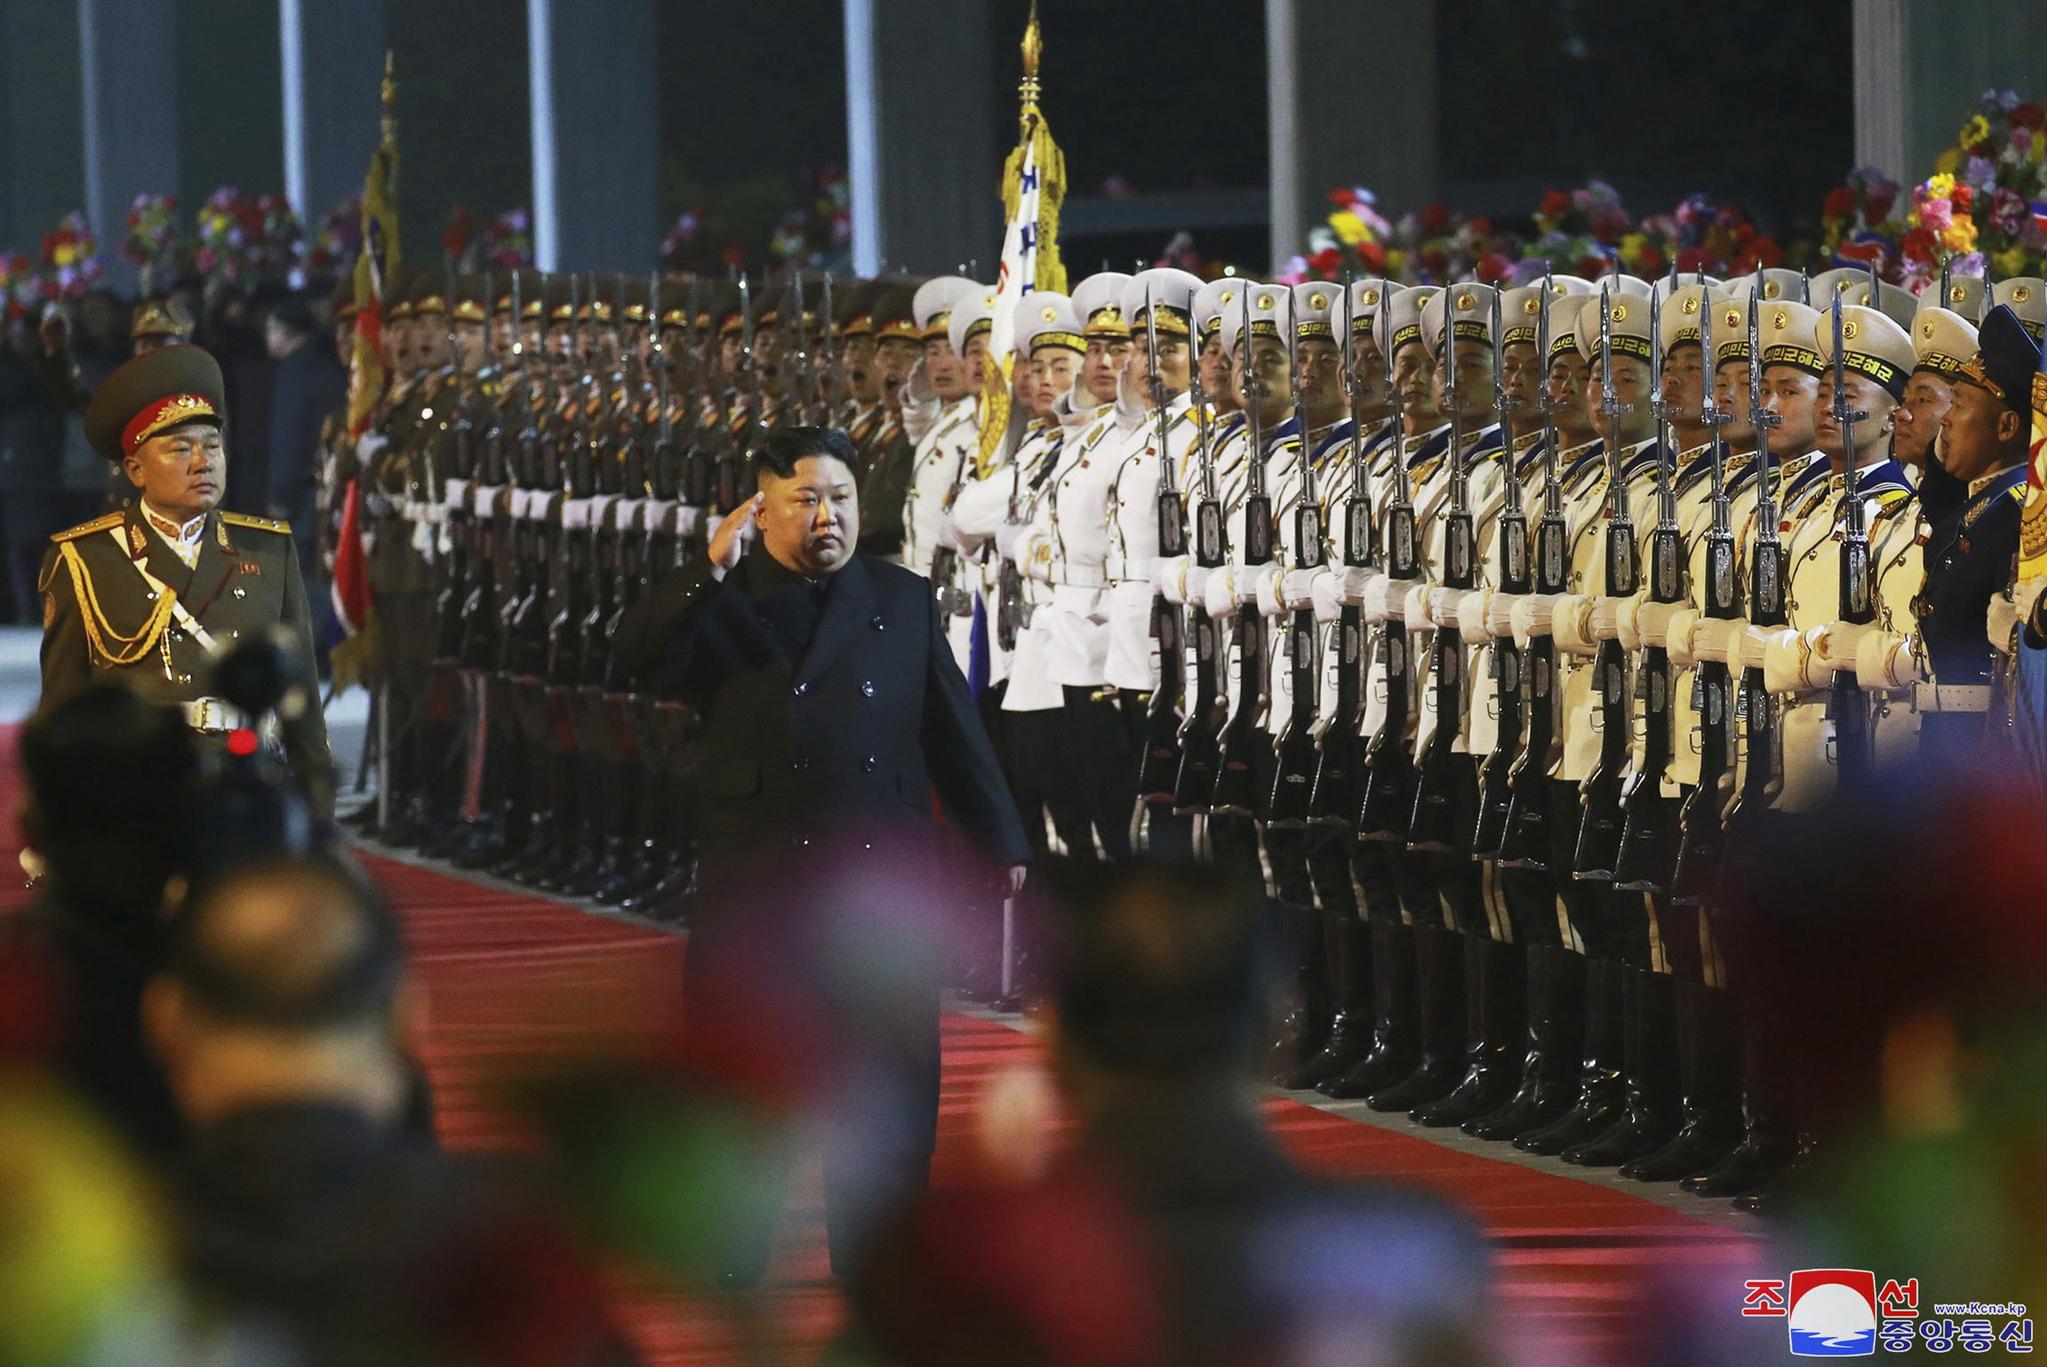 김정은 북한 국무위원장이 24일 새벽 전용열차편으로 러시아로 출발하기에 앞서 장소가 밝혀지지 않은 곳에서 의장대를 사열하고 있다. [조선중앙통신=연합뉴스]